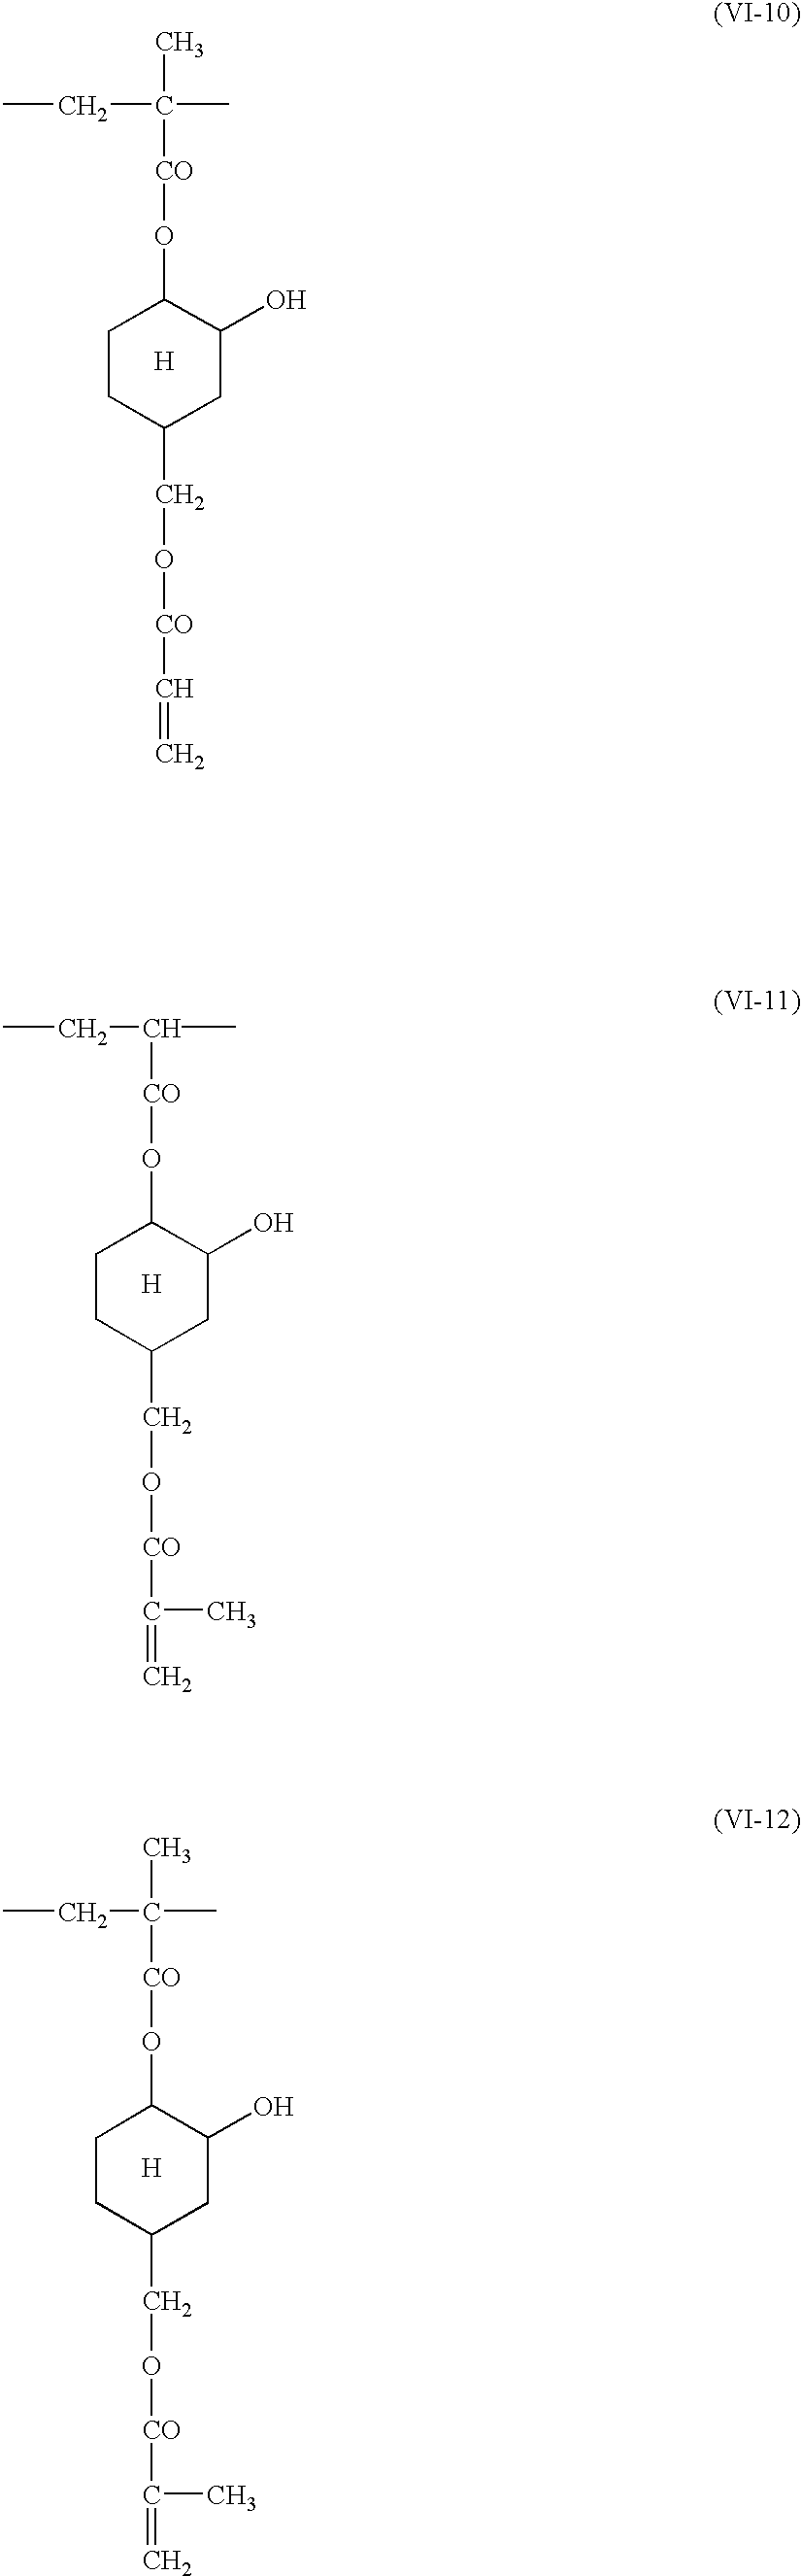 Figure US20030165778A1-20030904-C00044